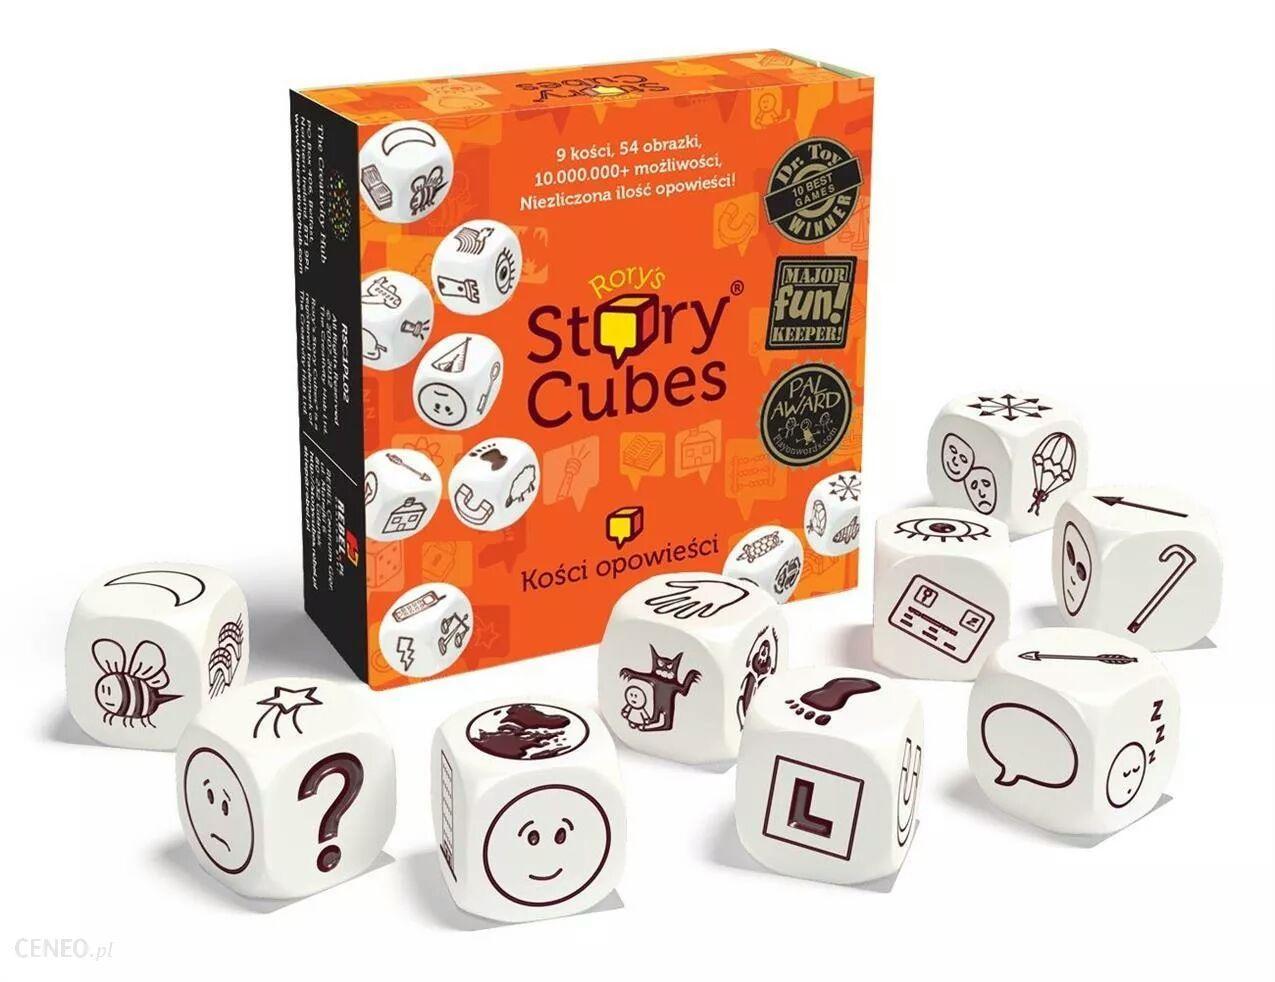 Gra Story Cubes za 9,99 w Tesco. Różne rodzaje.